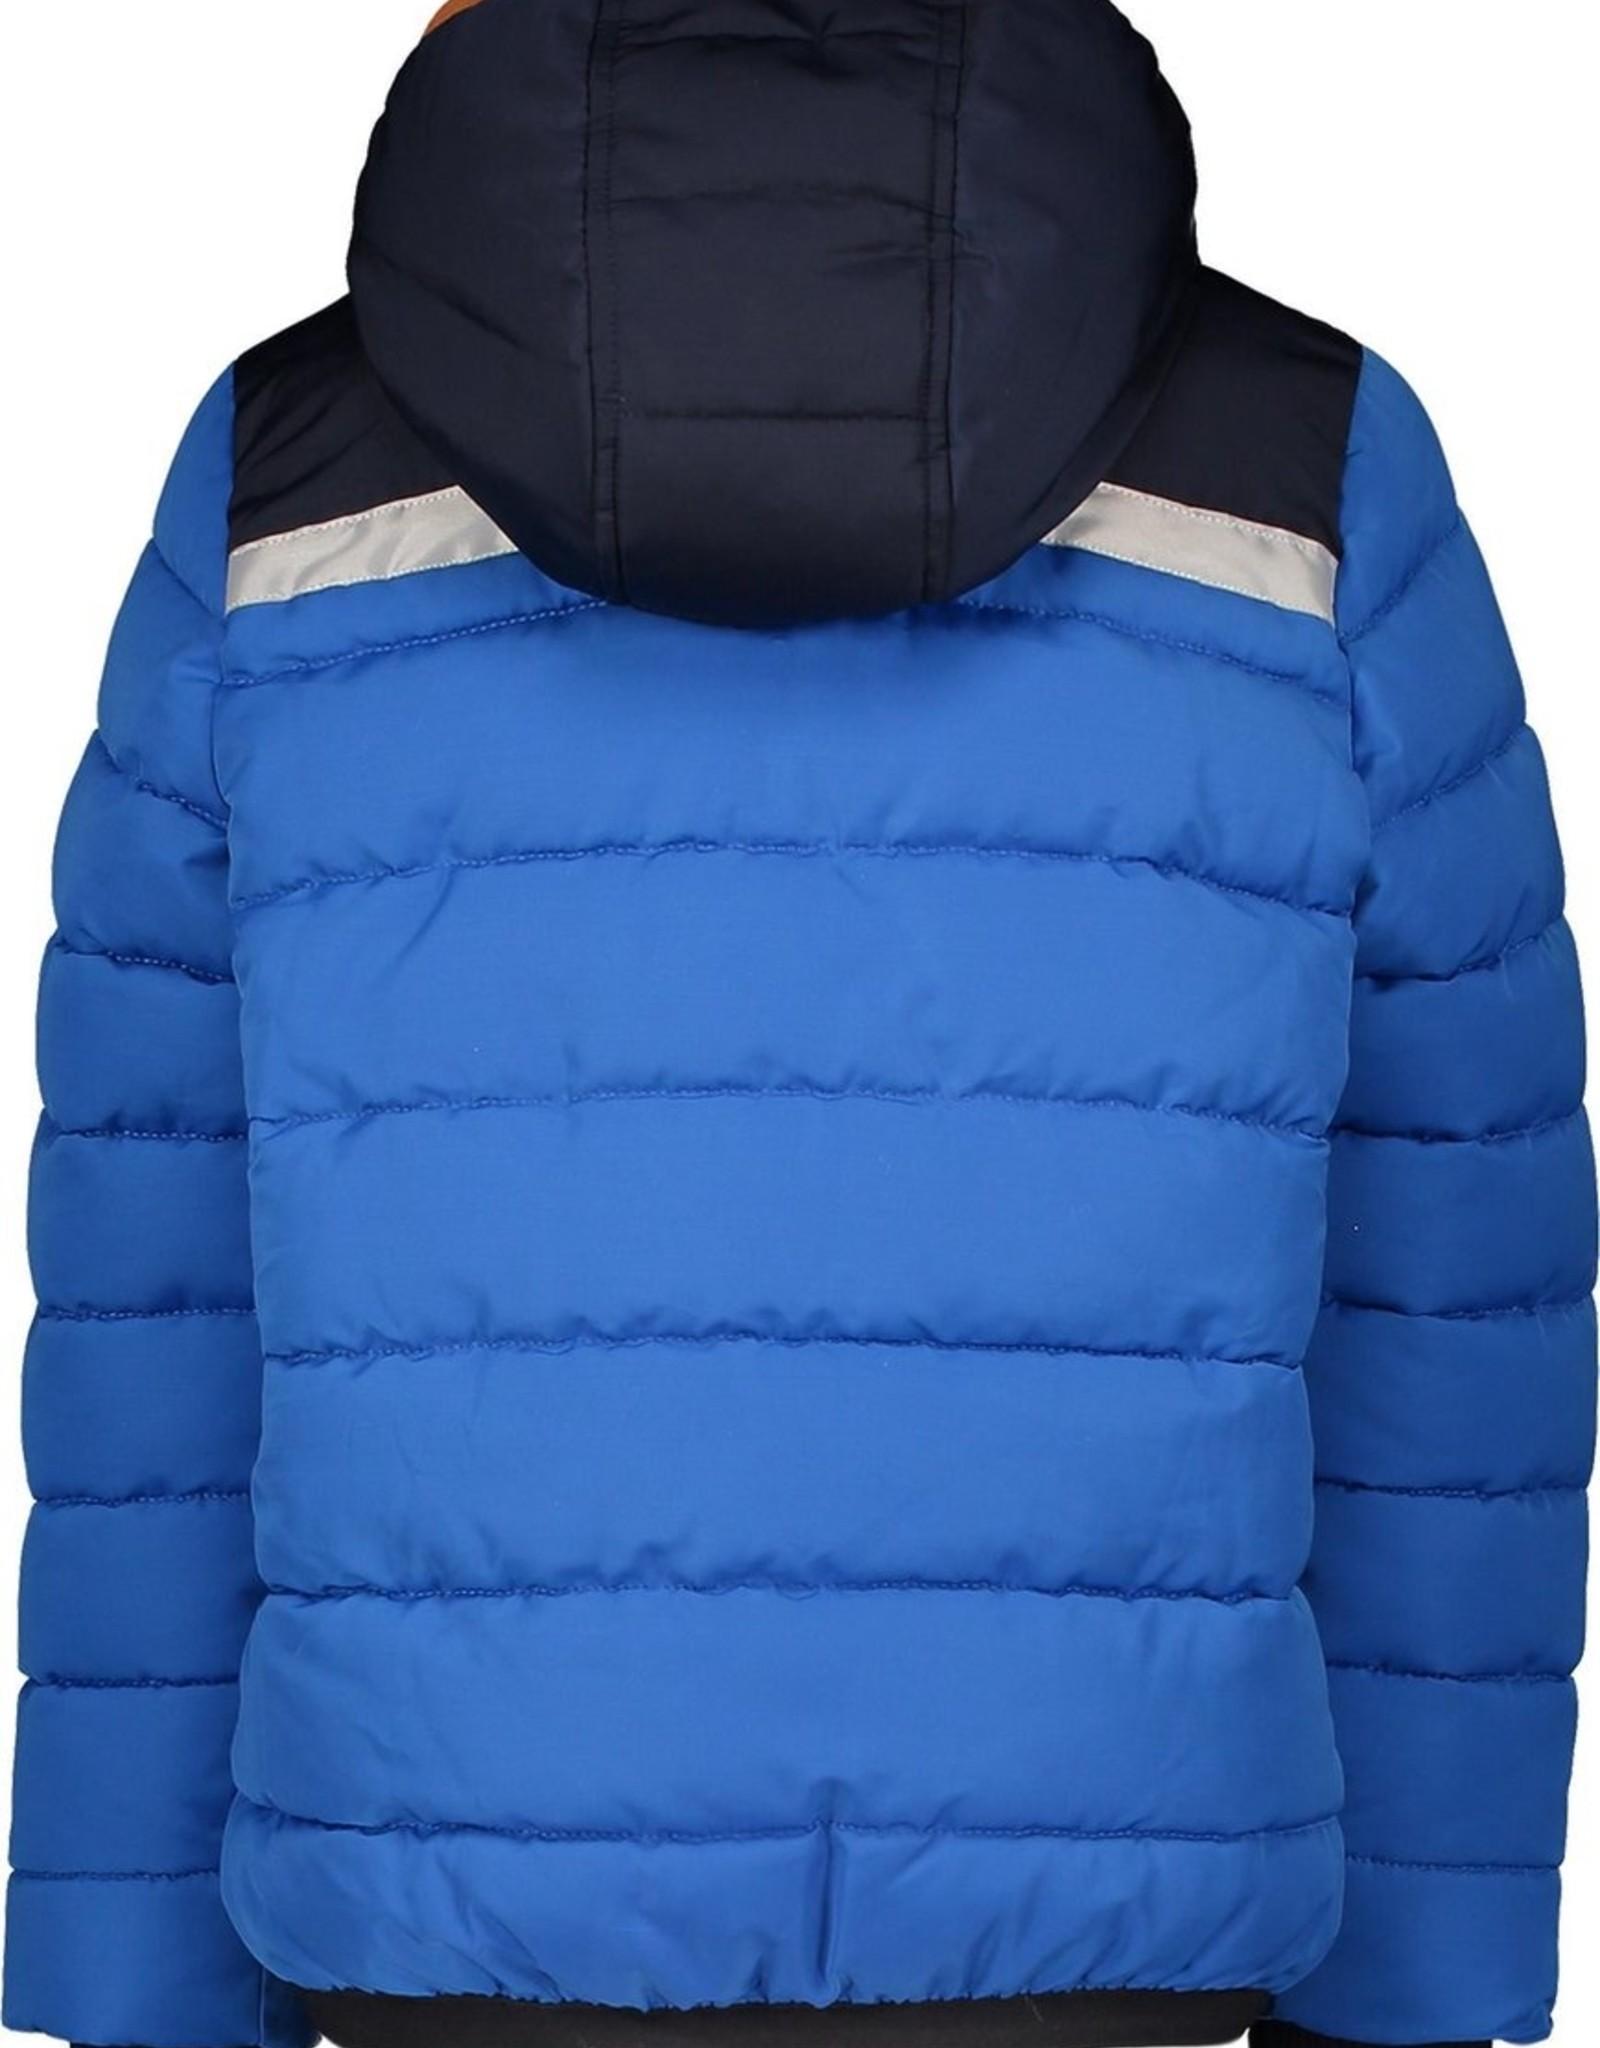 Moodstreet Moodstreet winterjas Sporty Blue